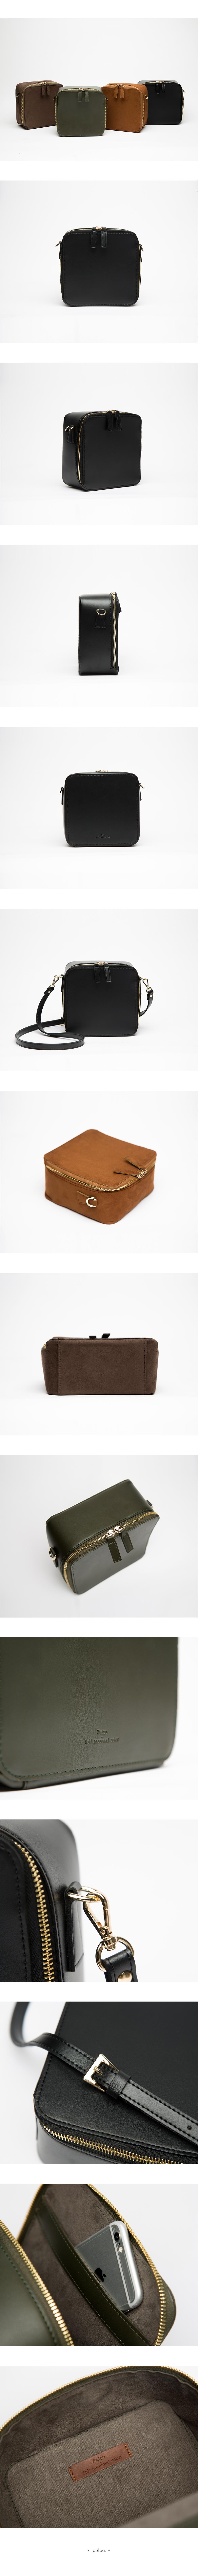 풀포(PULPO) Square Cross Bag (Black) - P003C_BK